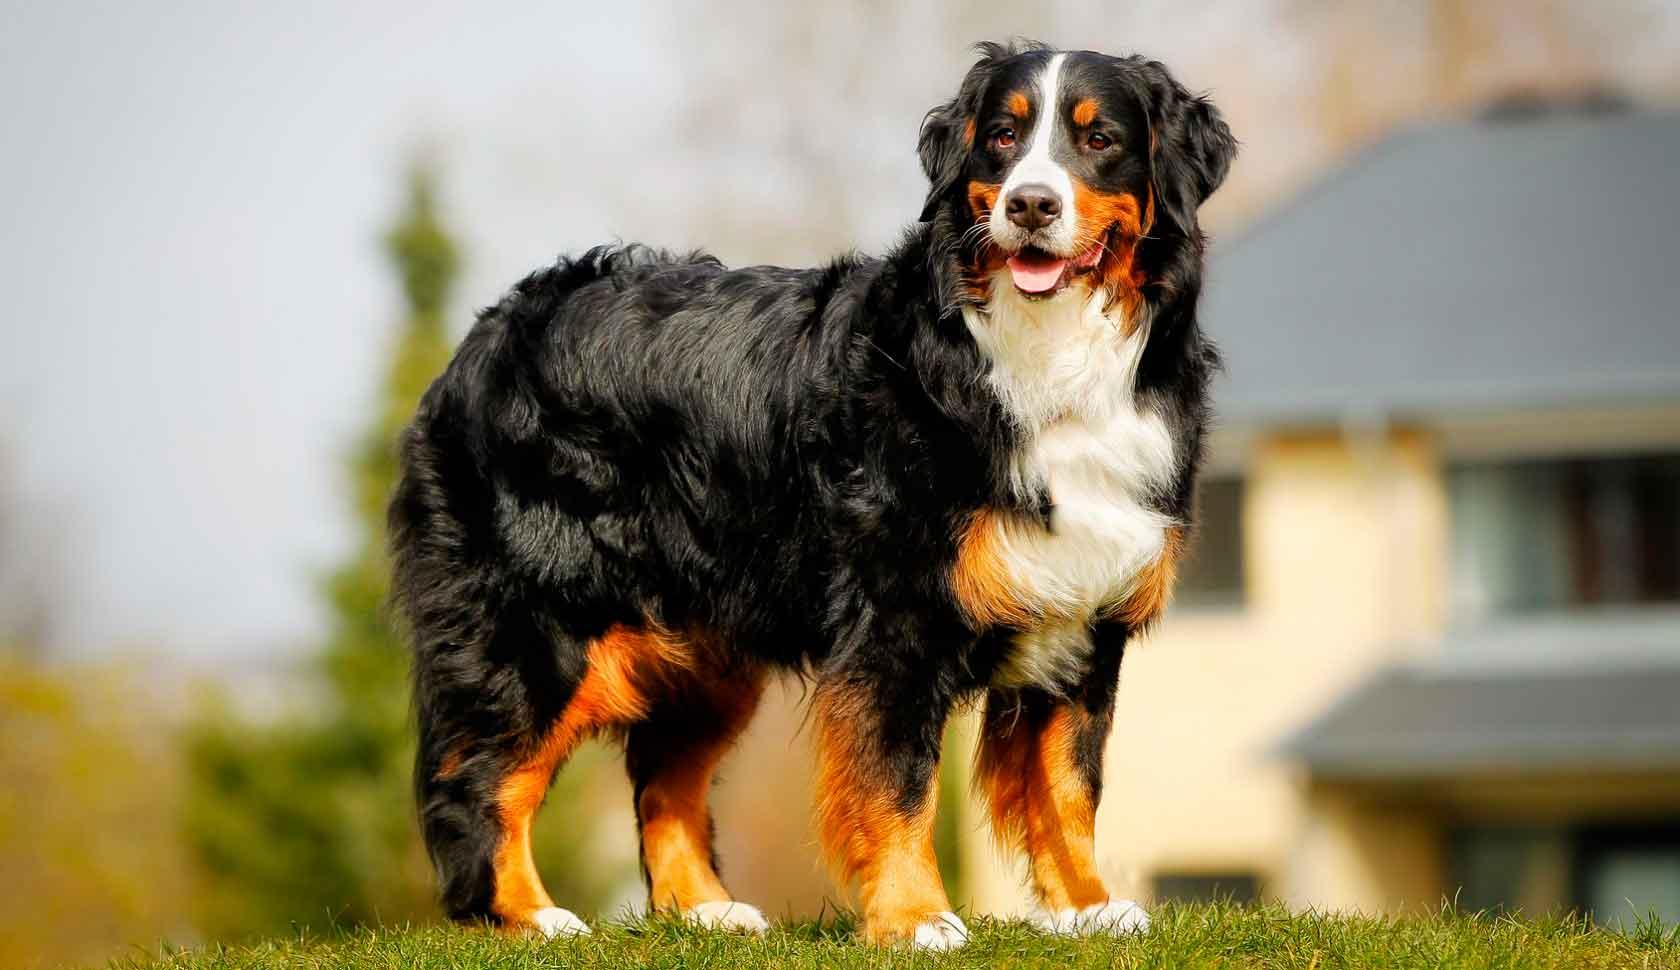 Порода бернский зенненхунд – пастушья собака. Описание и фото бернского зенненхунда